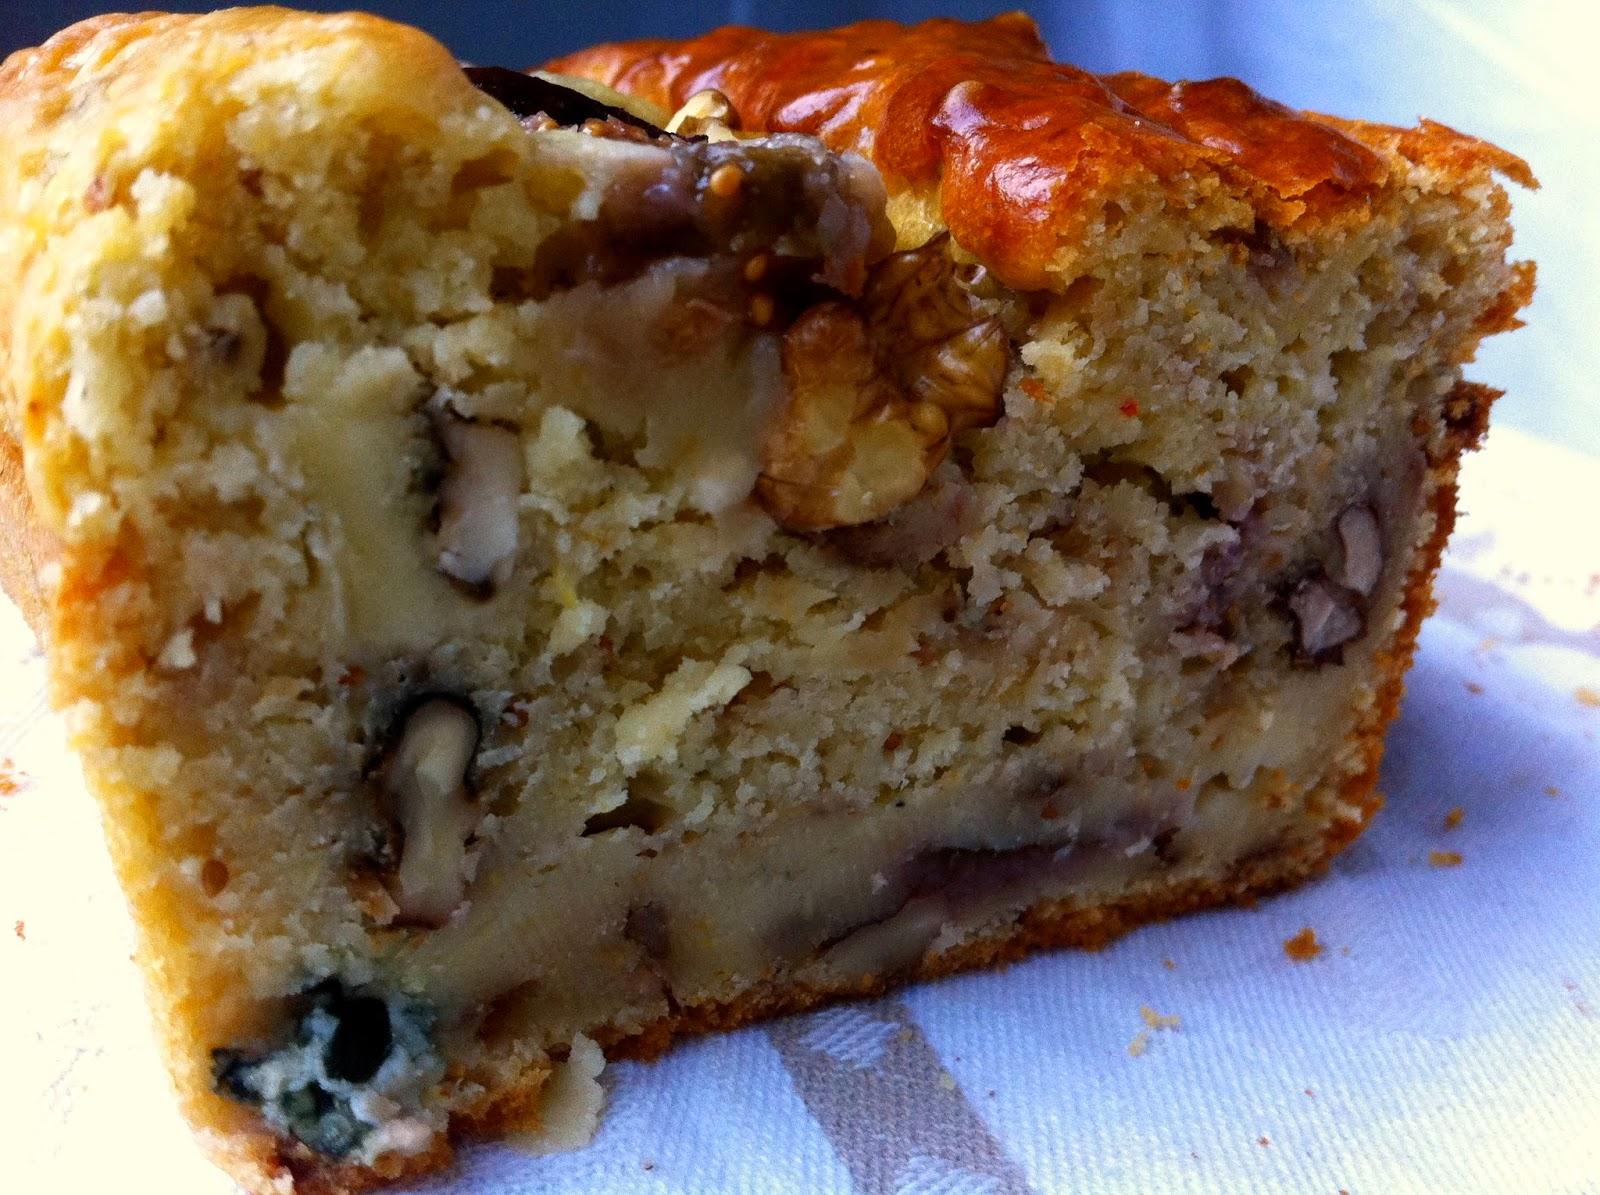 figues noix rapide cake roquefort bleu d'auvergne